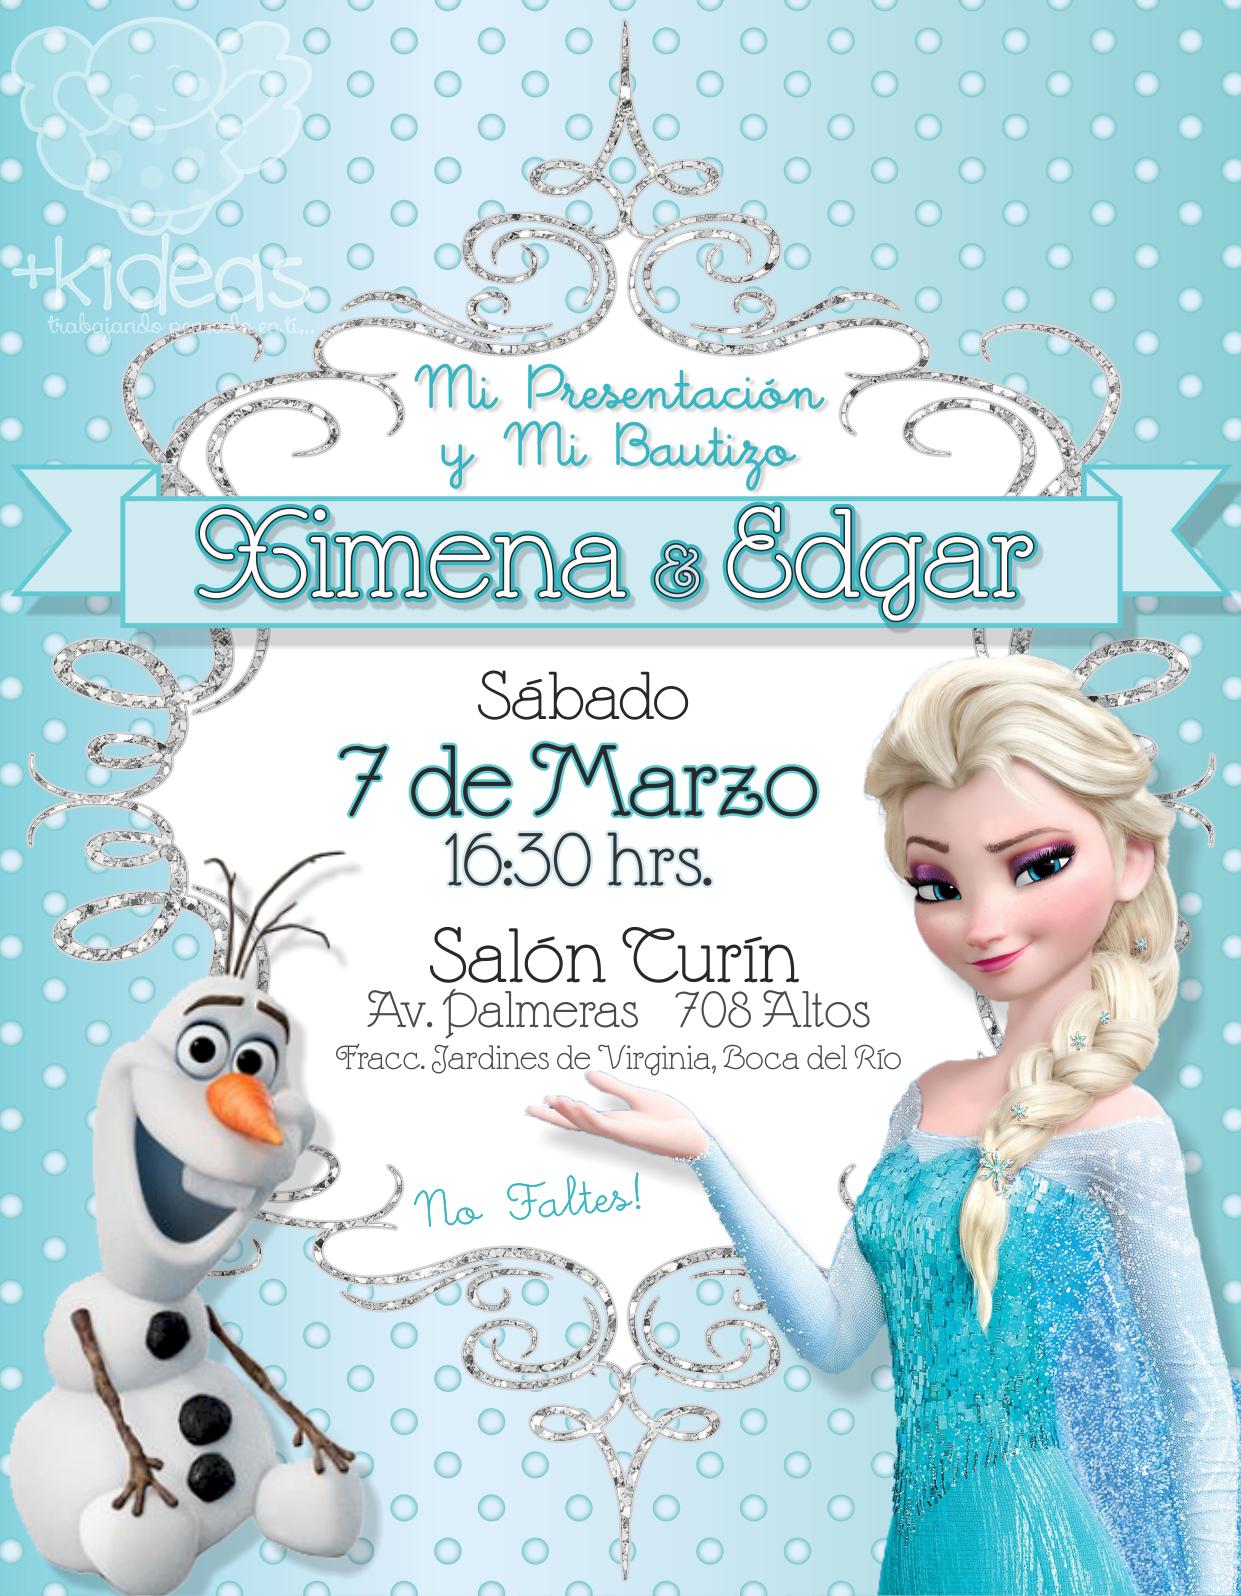 Frozen Elsa y Olaf Tiffany | birthday decorations | Pinterest | Olaf, Elsa and Fiesta frozen